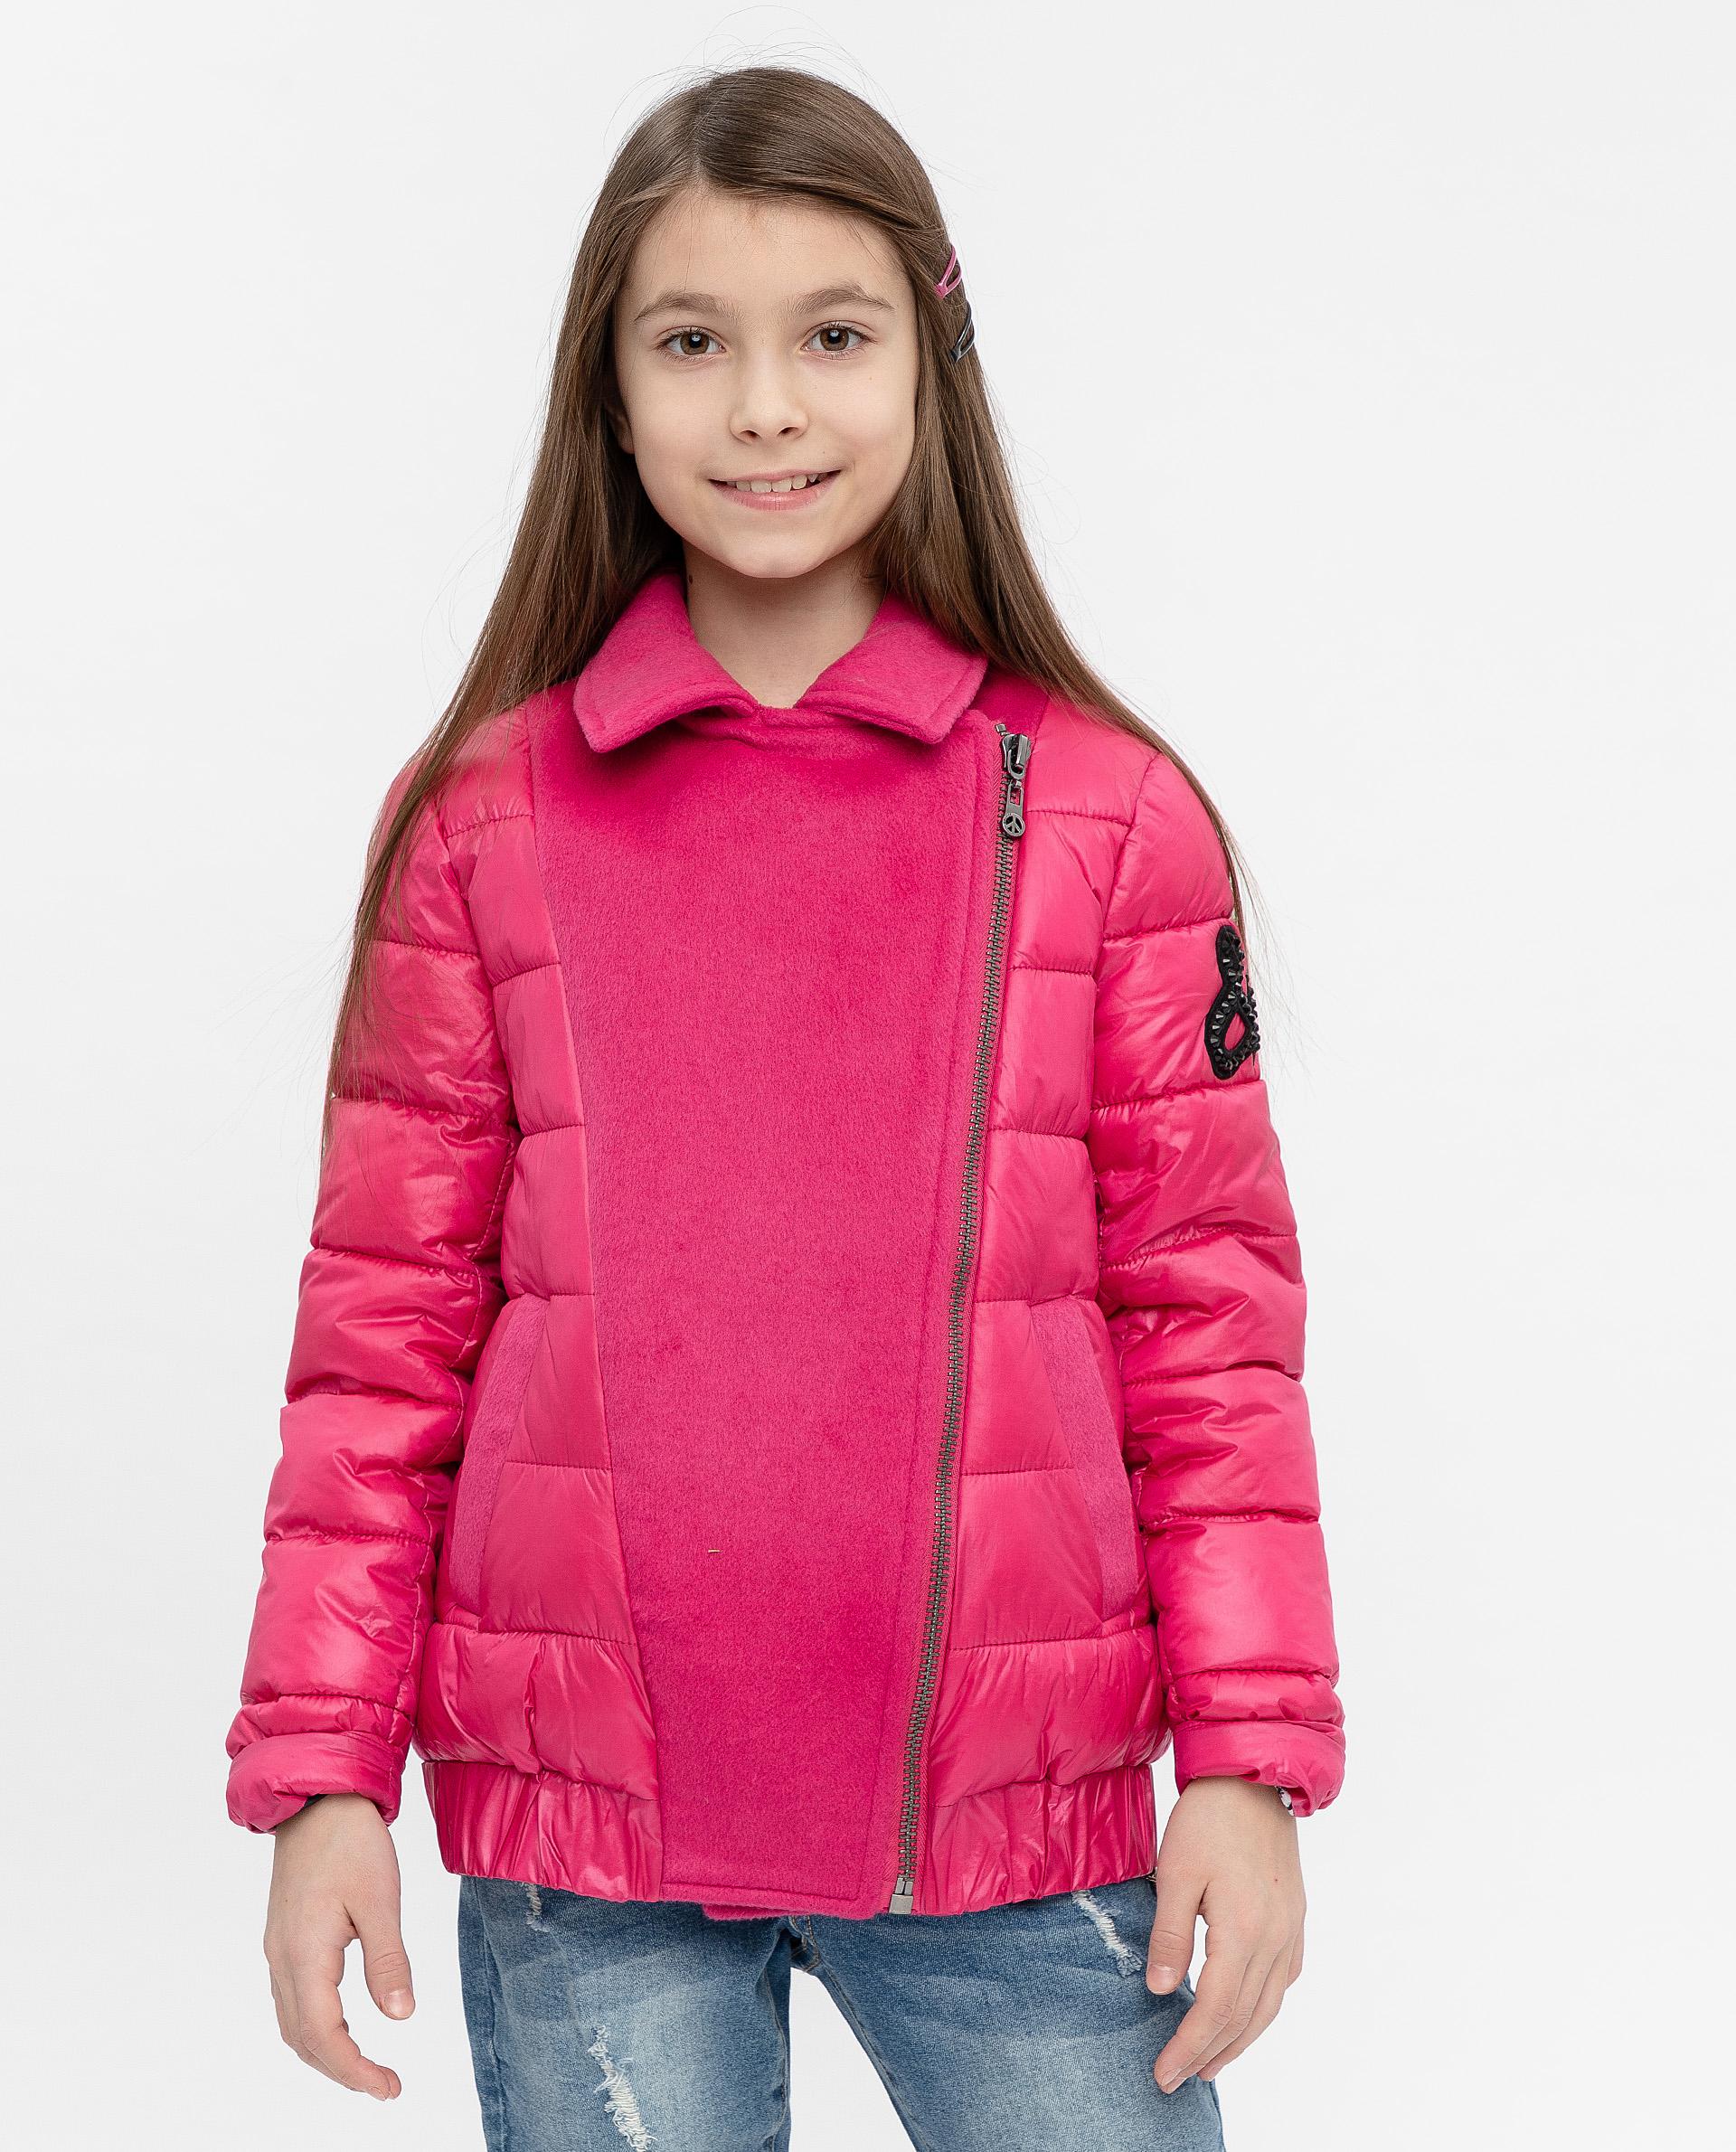 Купить 12007GJC4101, Розовая демисезонная куртка Gulliver, розовый, 164, Женский, ОСЕНЬ/ЗИМА 2020-2021 (shop: GulliverMarket Gulliver Market)